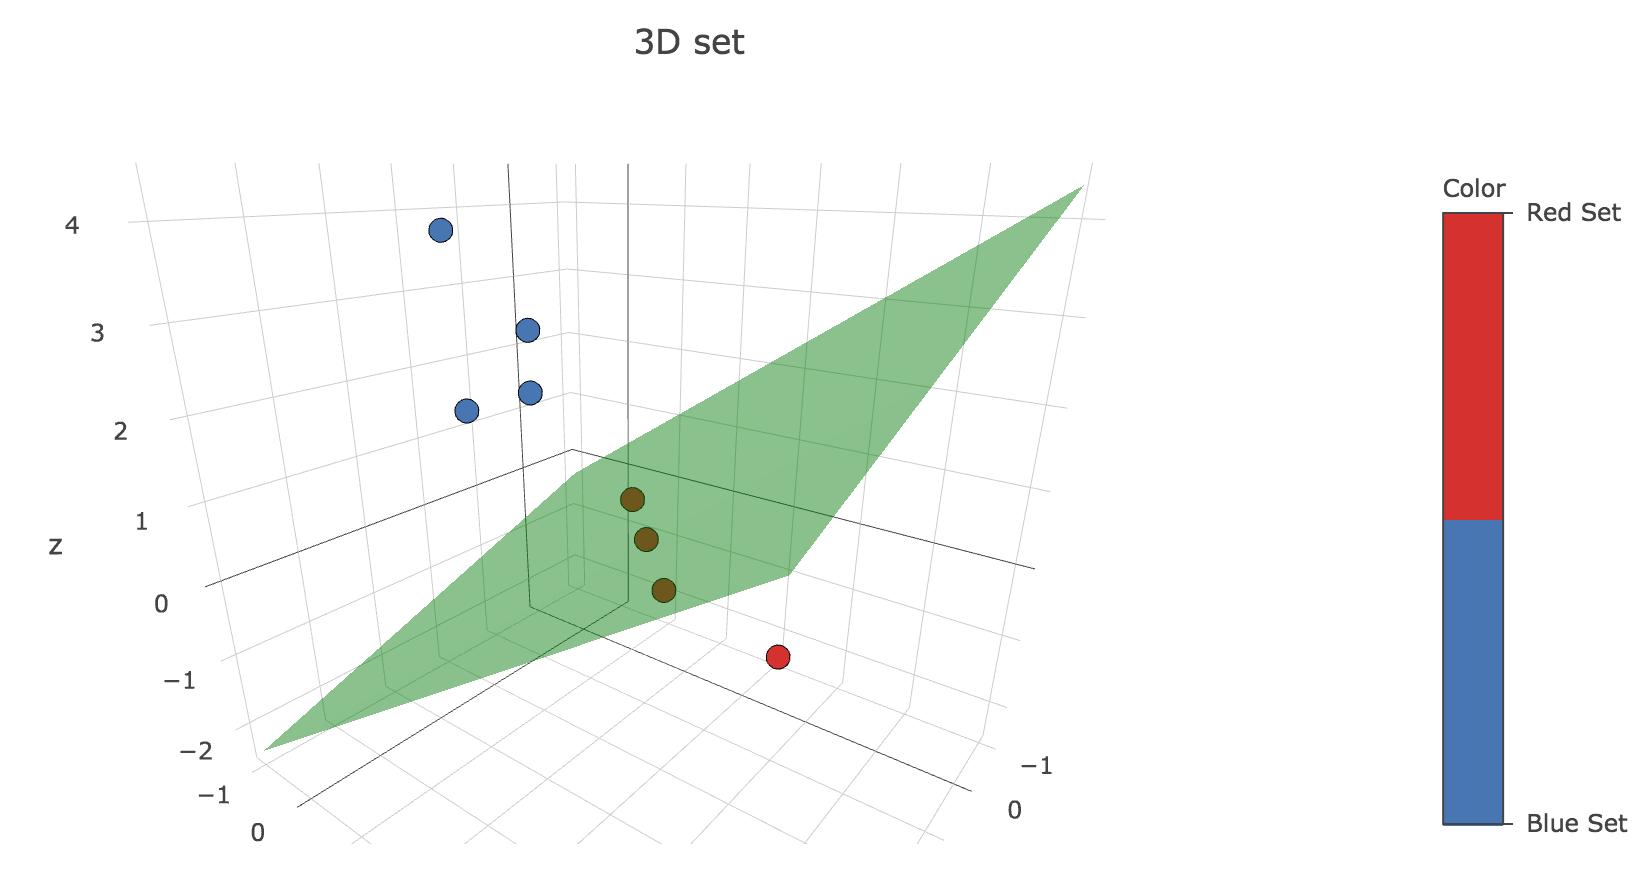 Figure 1.b.2.